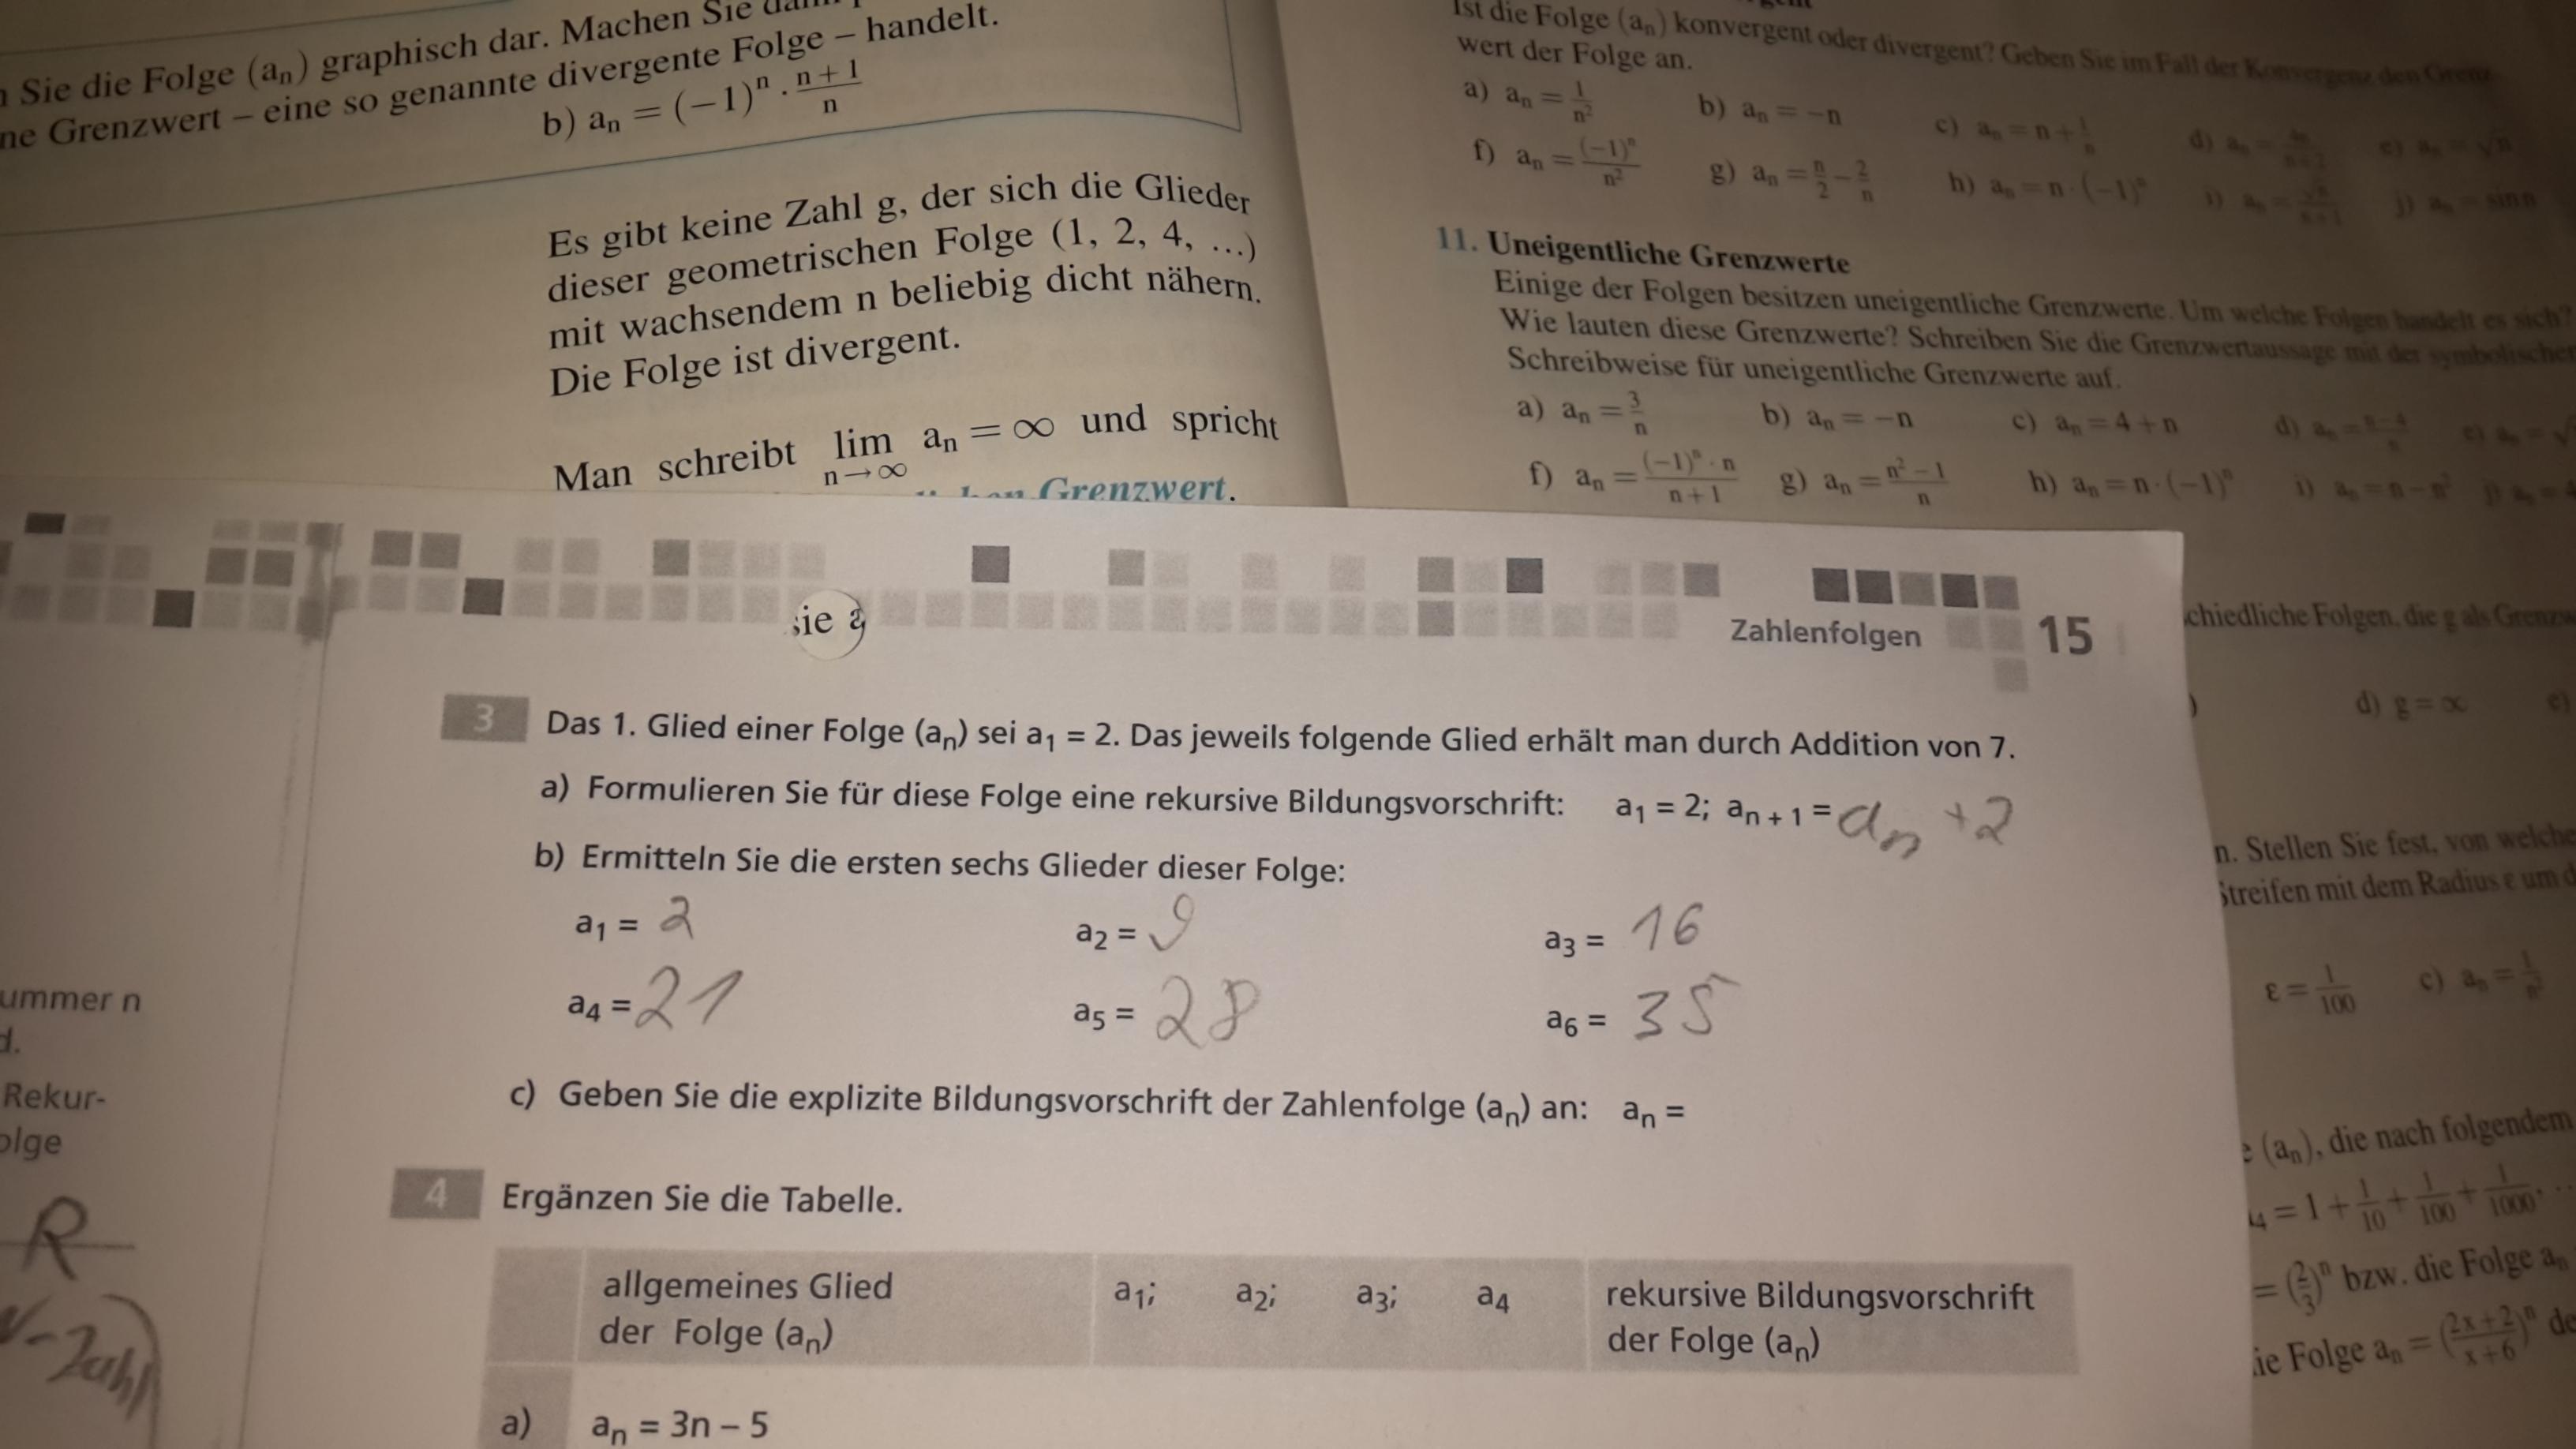 Zahlenfolge klasse 11 Aufgaben richtig gelöst? (Mathe, Zahlenfolgen)